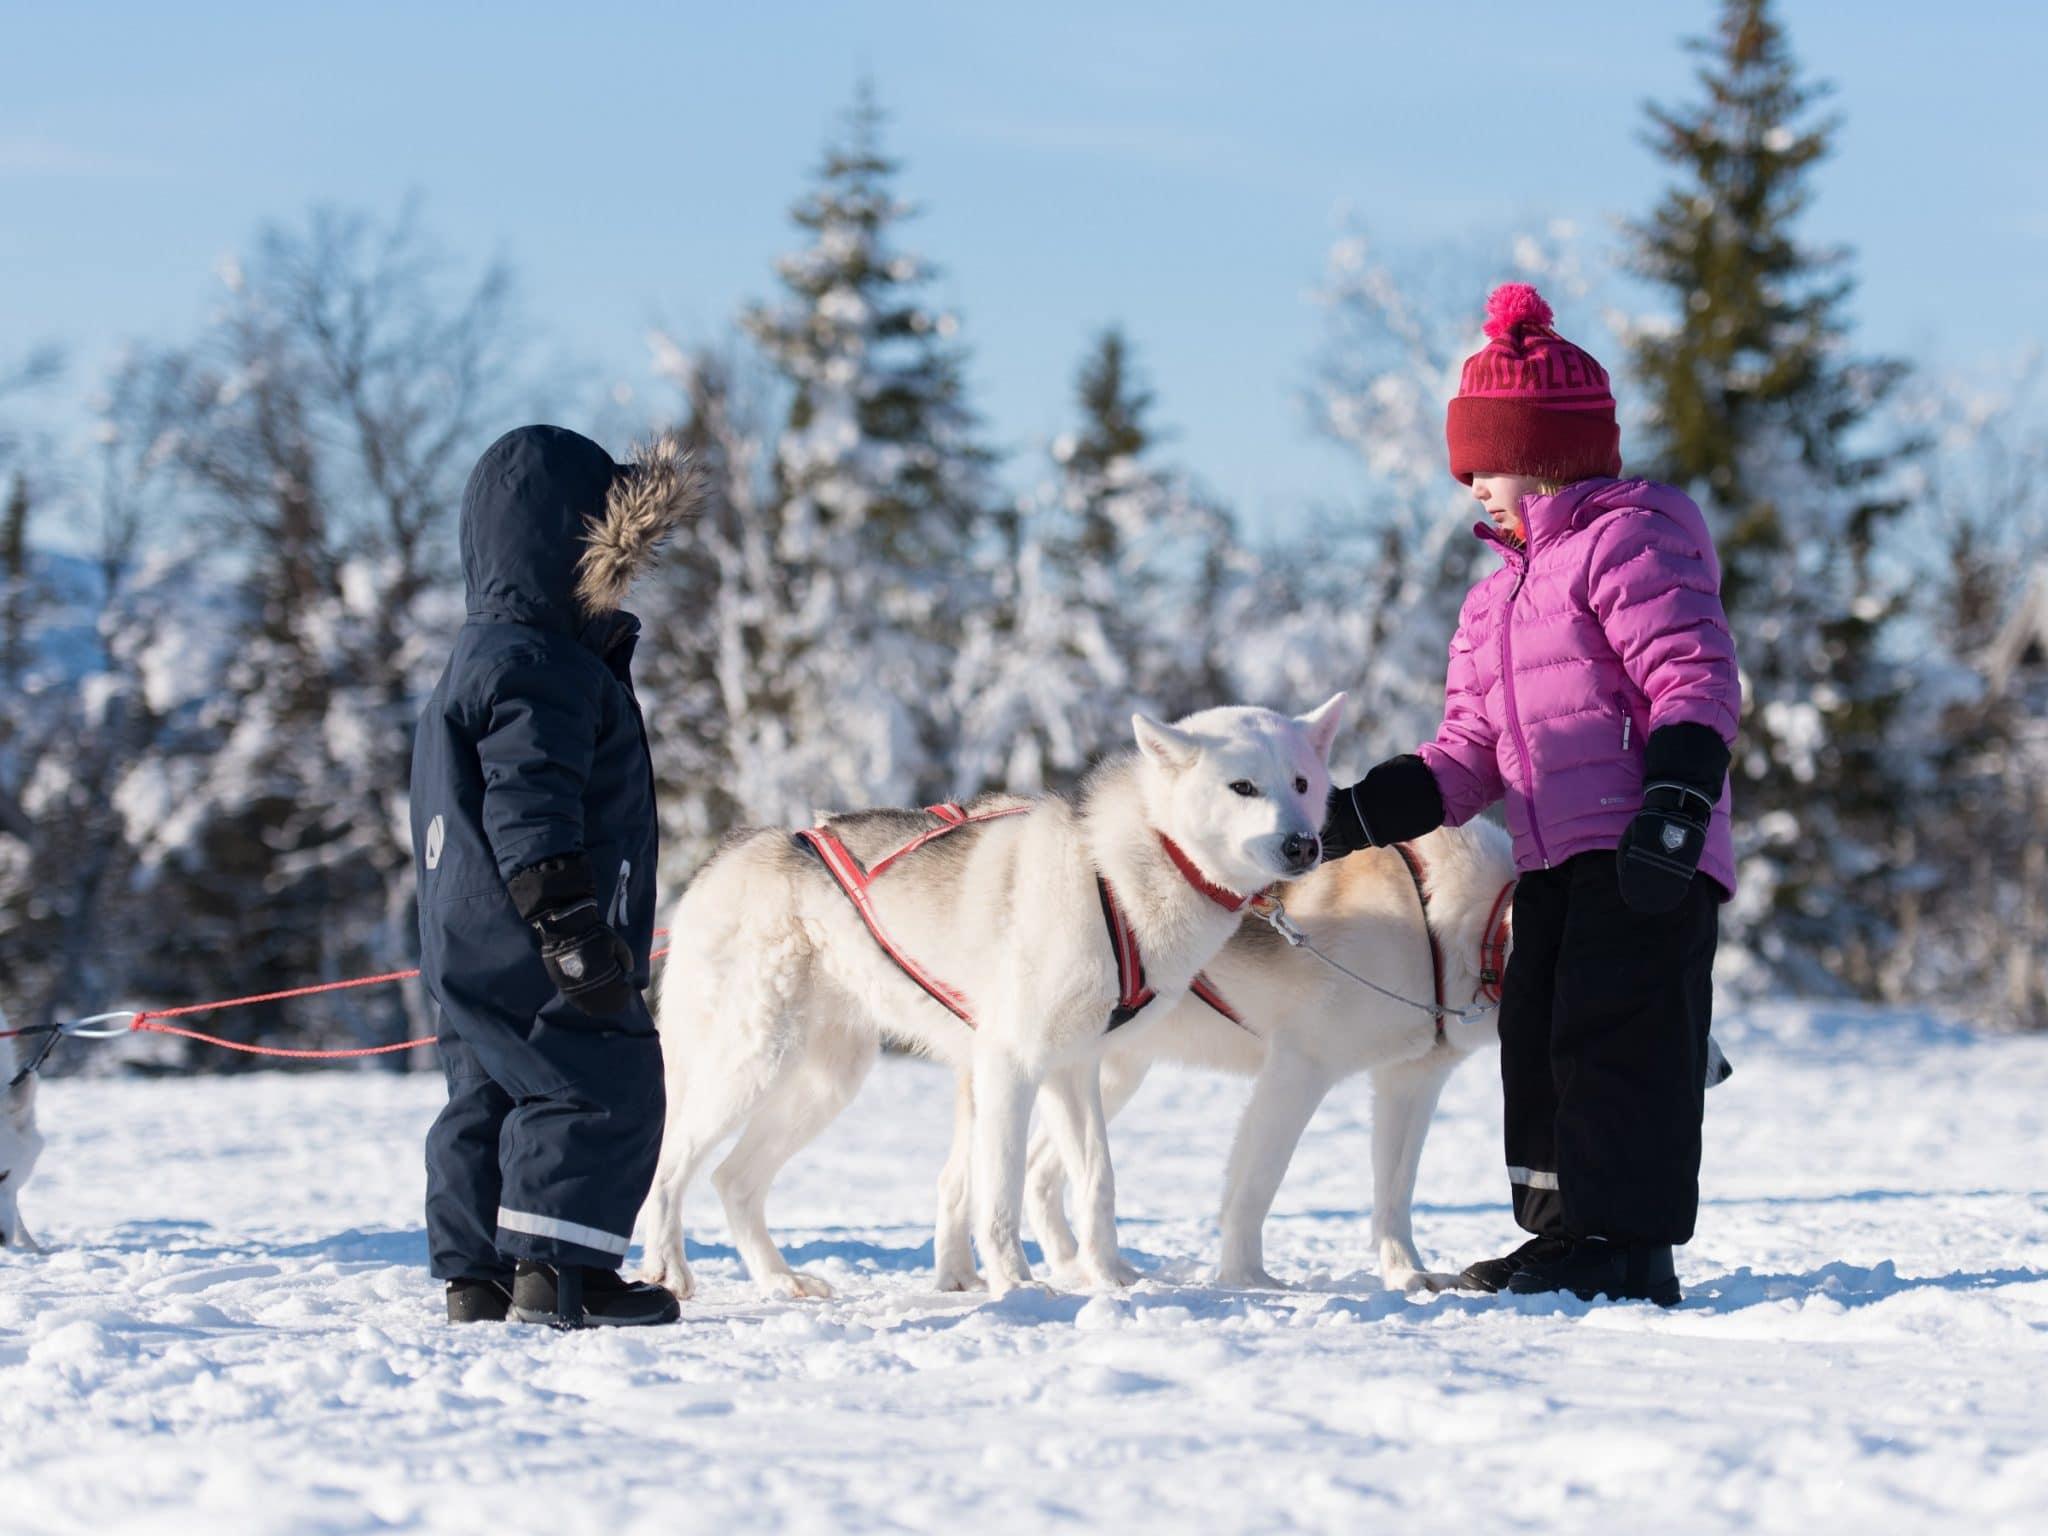 Two children pat a dog in snow landscape in Vemdalen